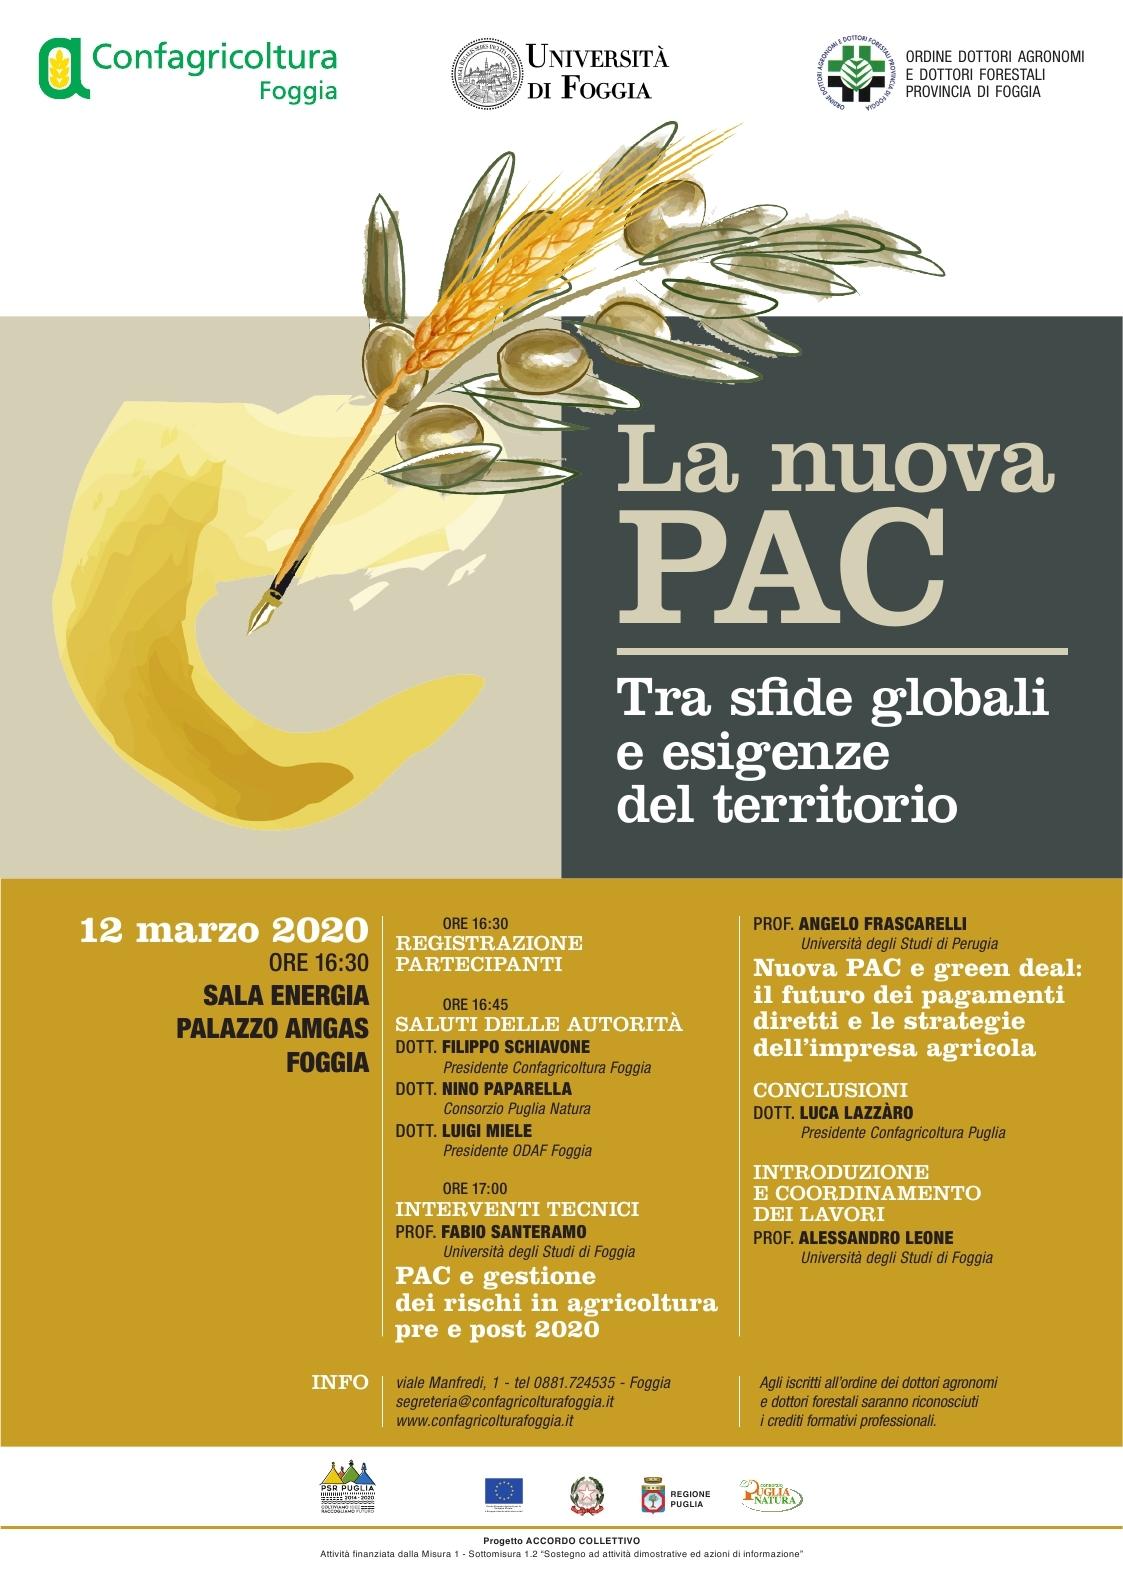 La nuova PAC: tra sfide globali e esigenze del territorio